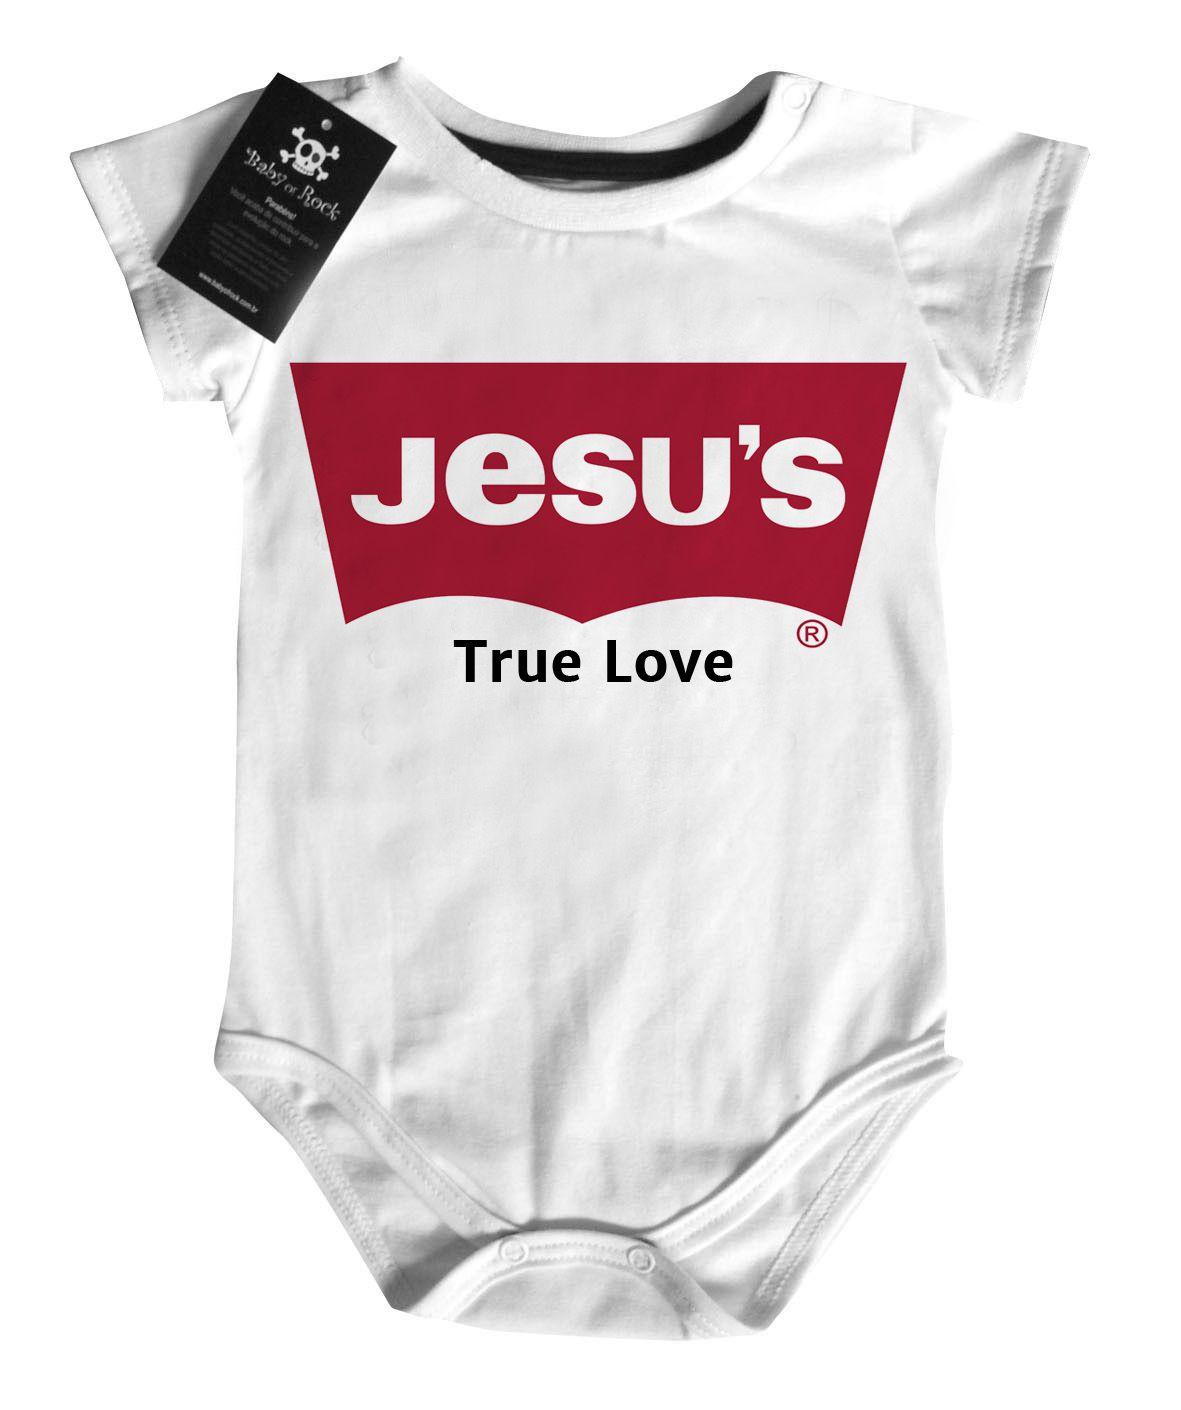 Body Bebe  Jesus Amor Verdadeiro (Levis) - White -  - Baby Monster - Body Bebe